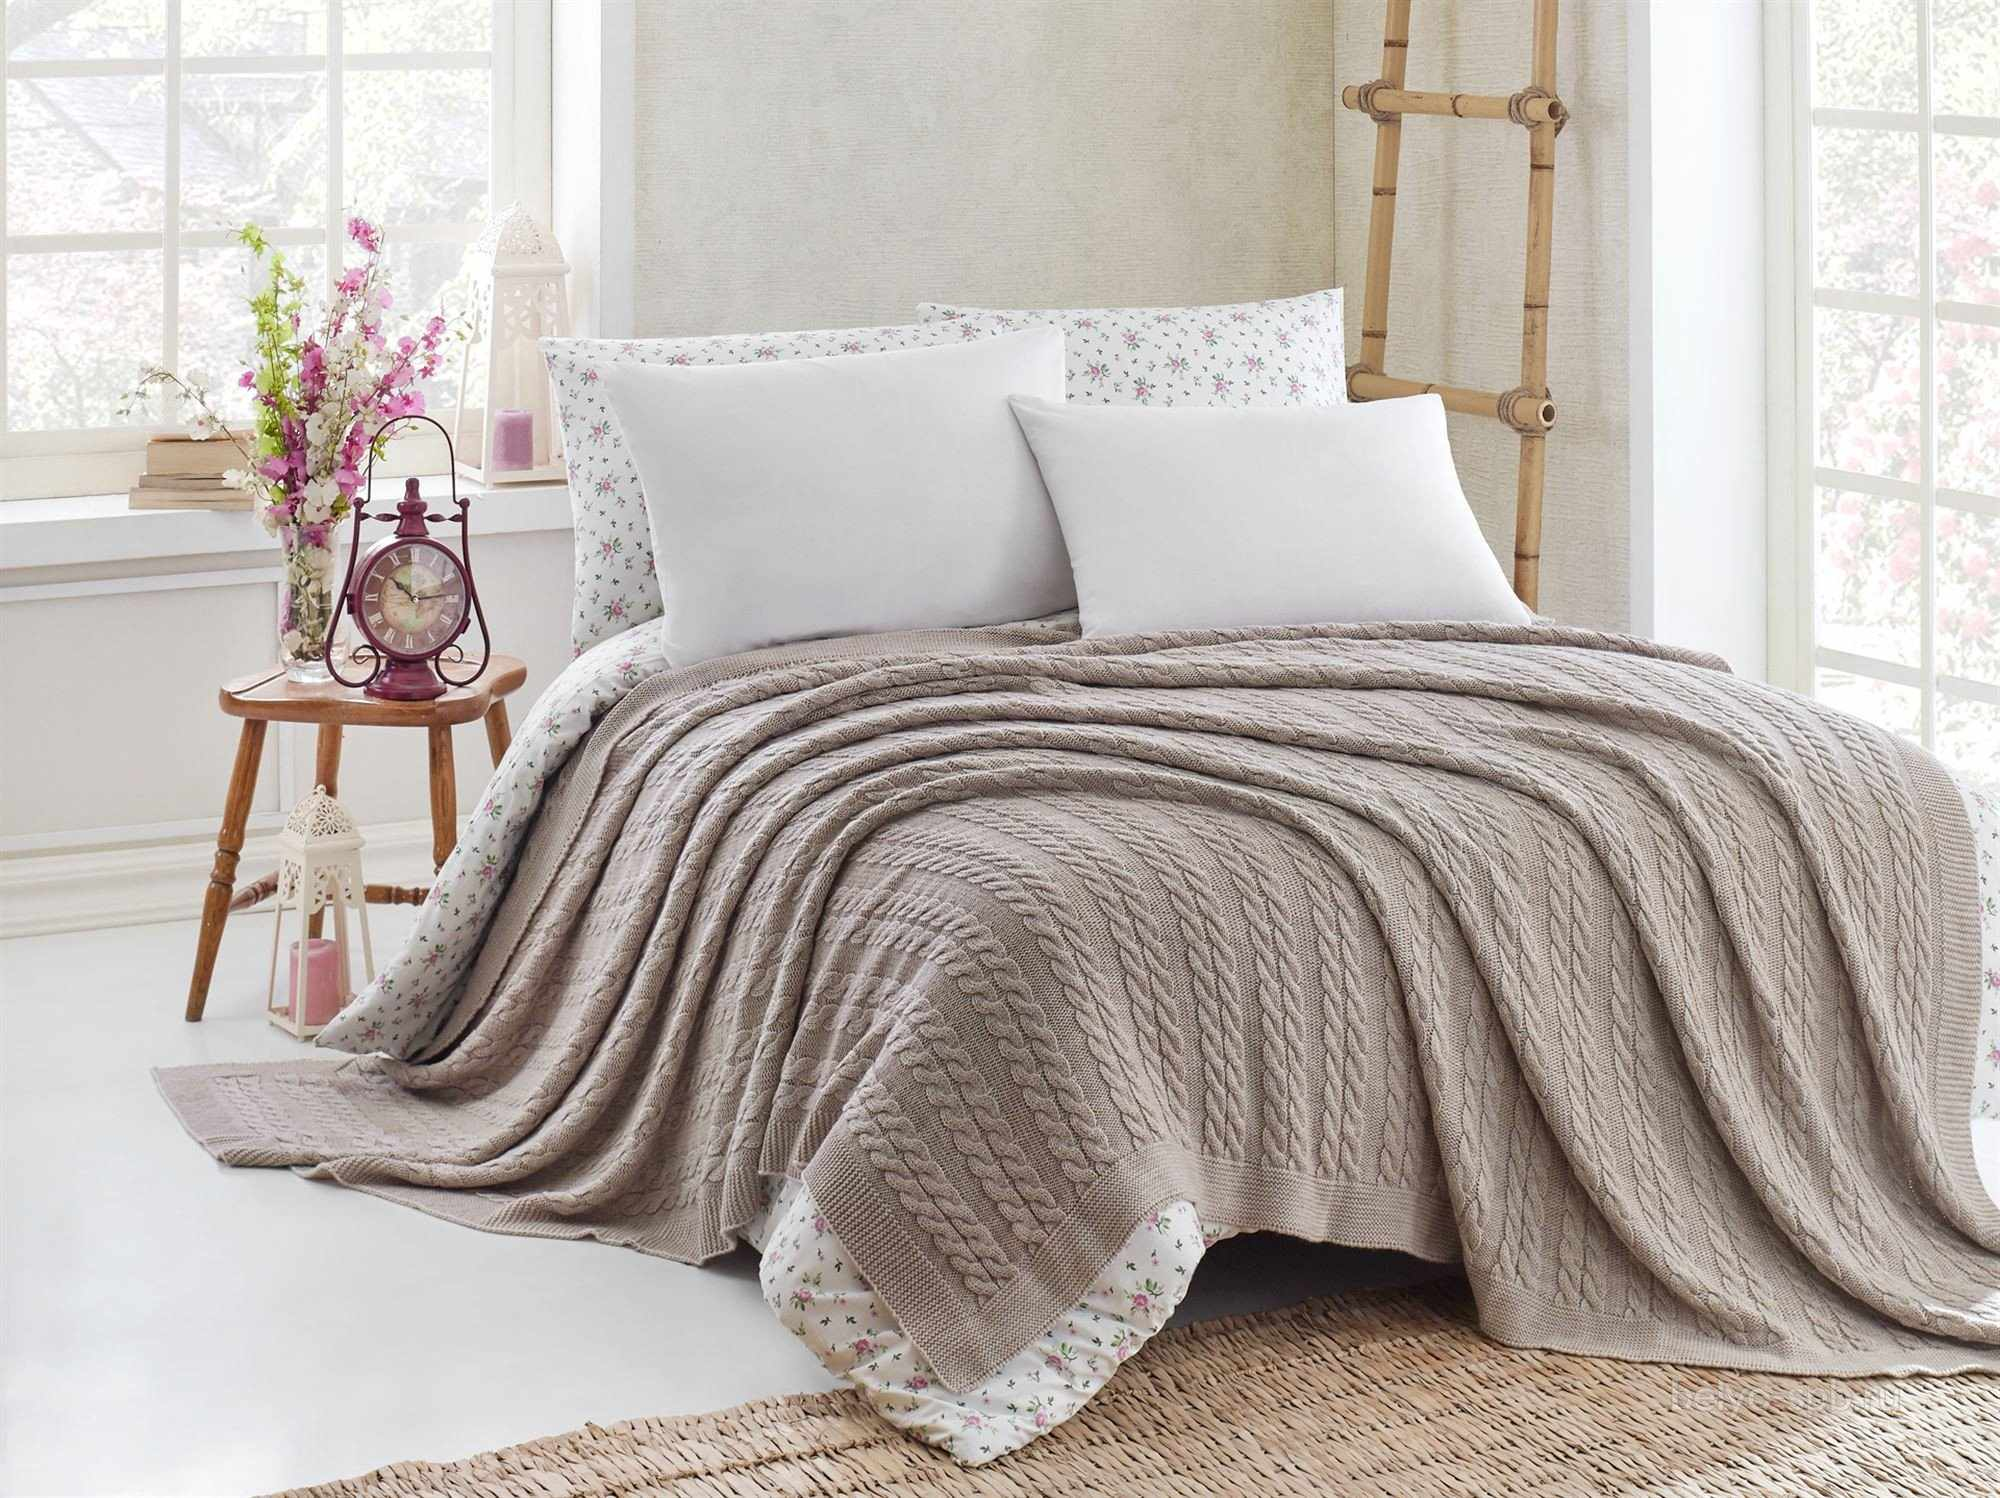 Вязанное спицами покрывало на кровать